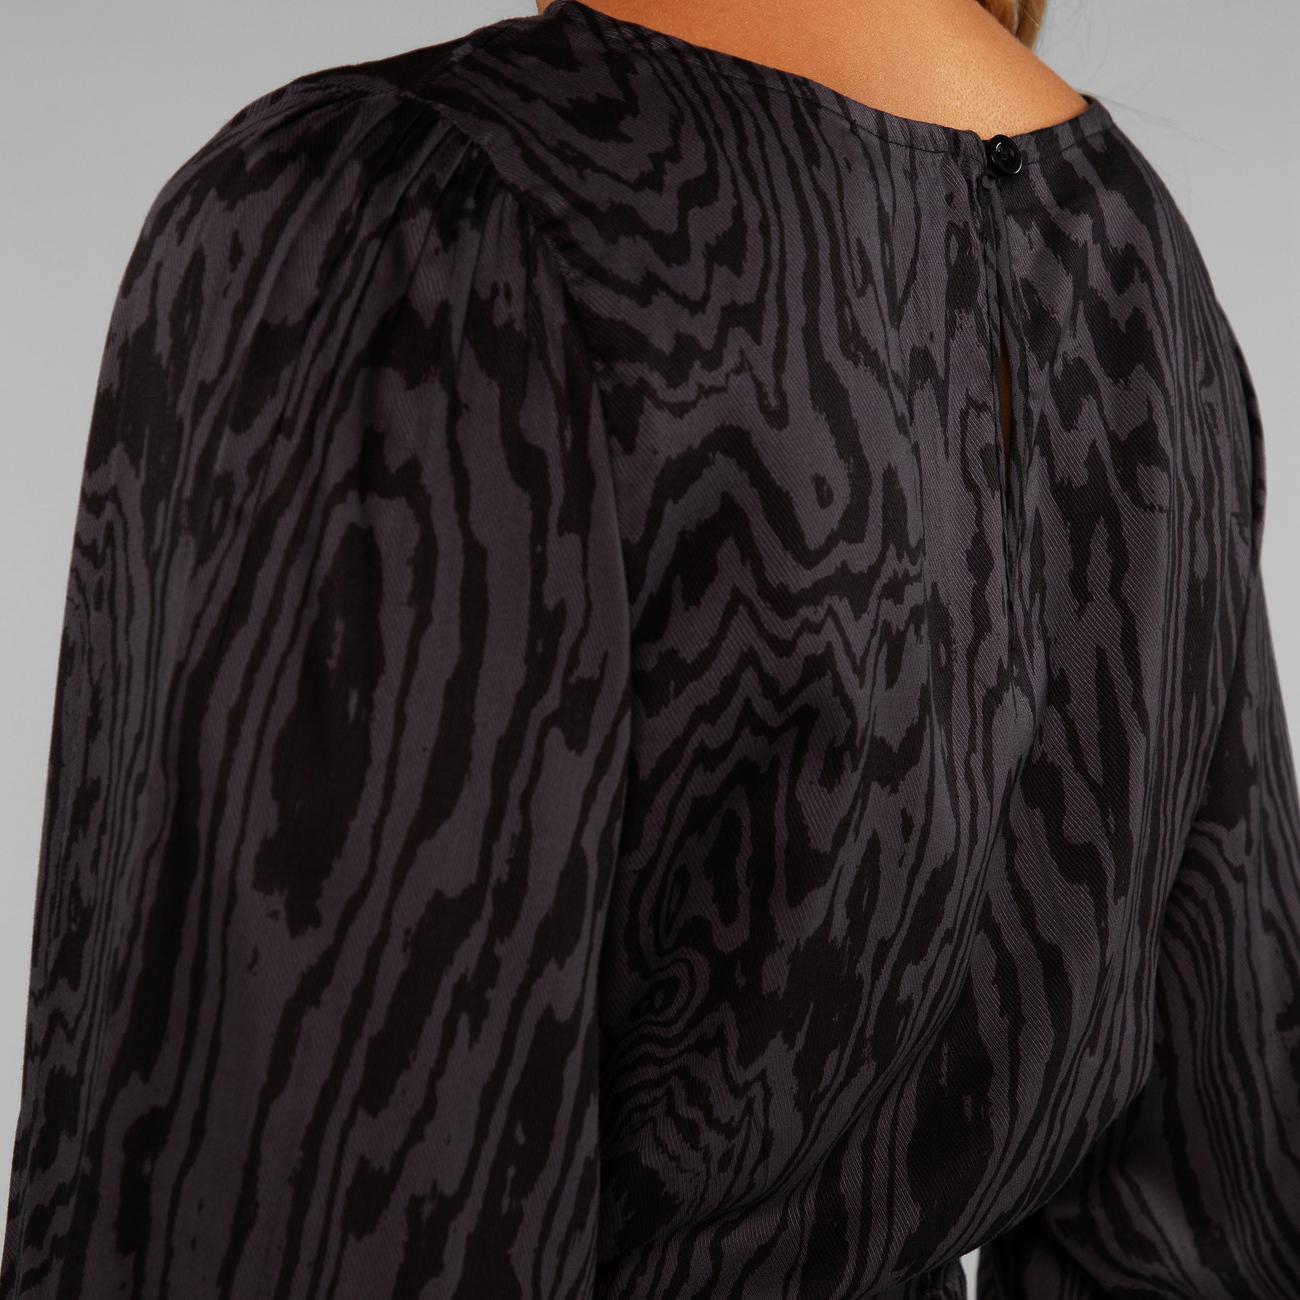 Dress Hjo Wood Cut Charcoal